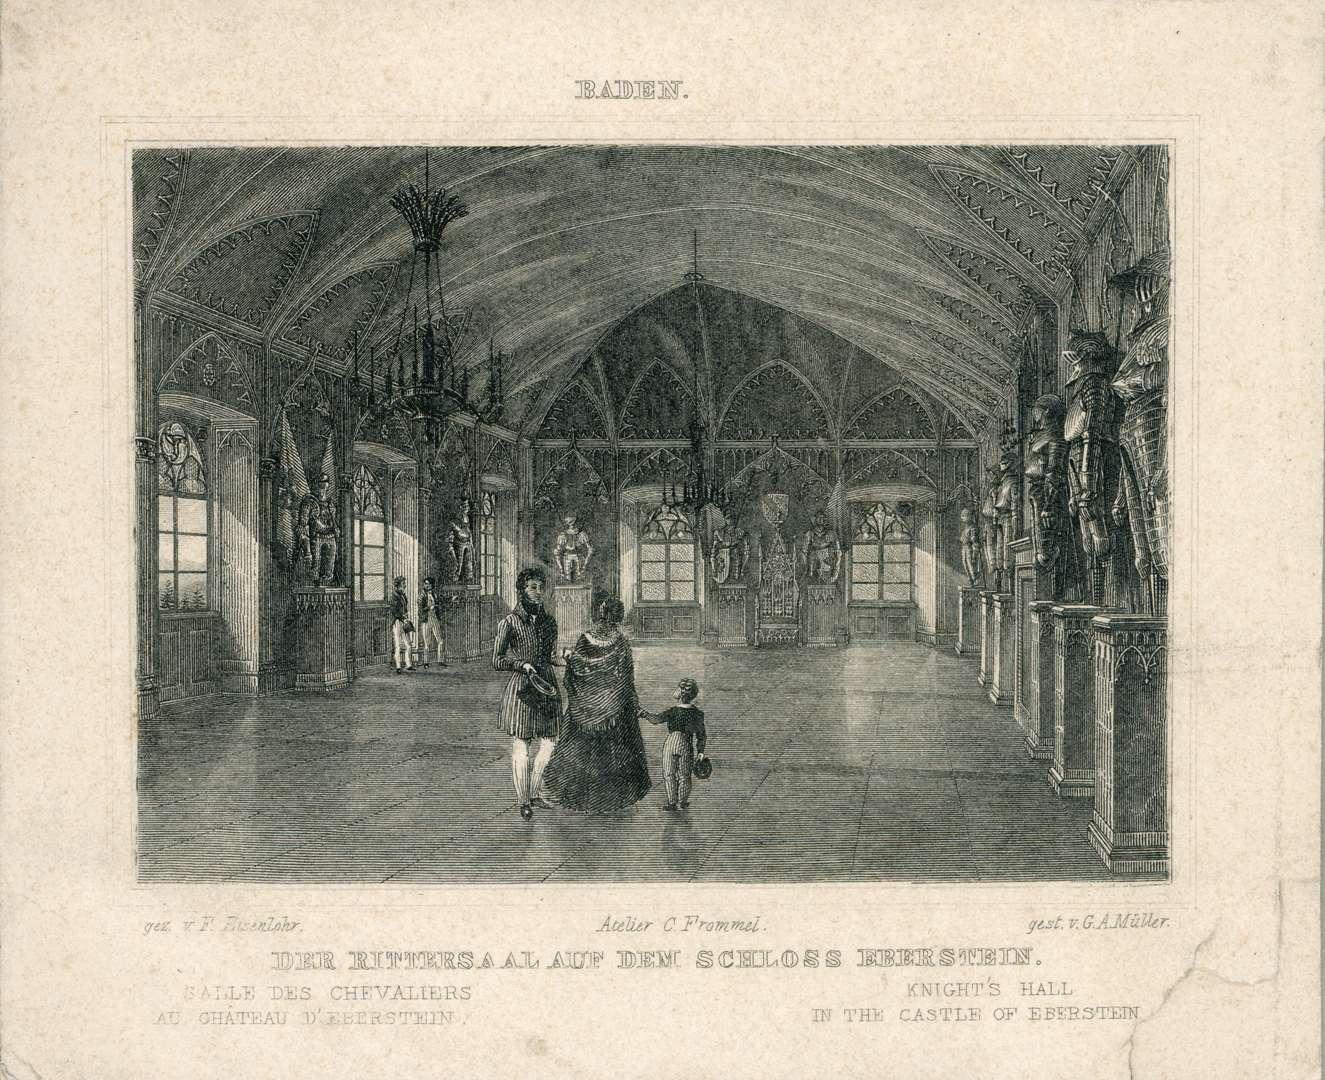 Baden. Der Rittersaal auf dem Schloß Eberstein. Salle des Chevaliers au Chateau d